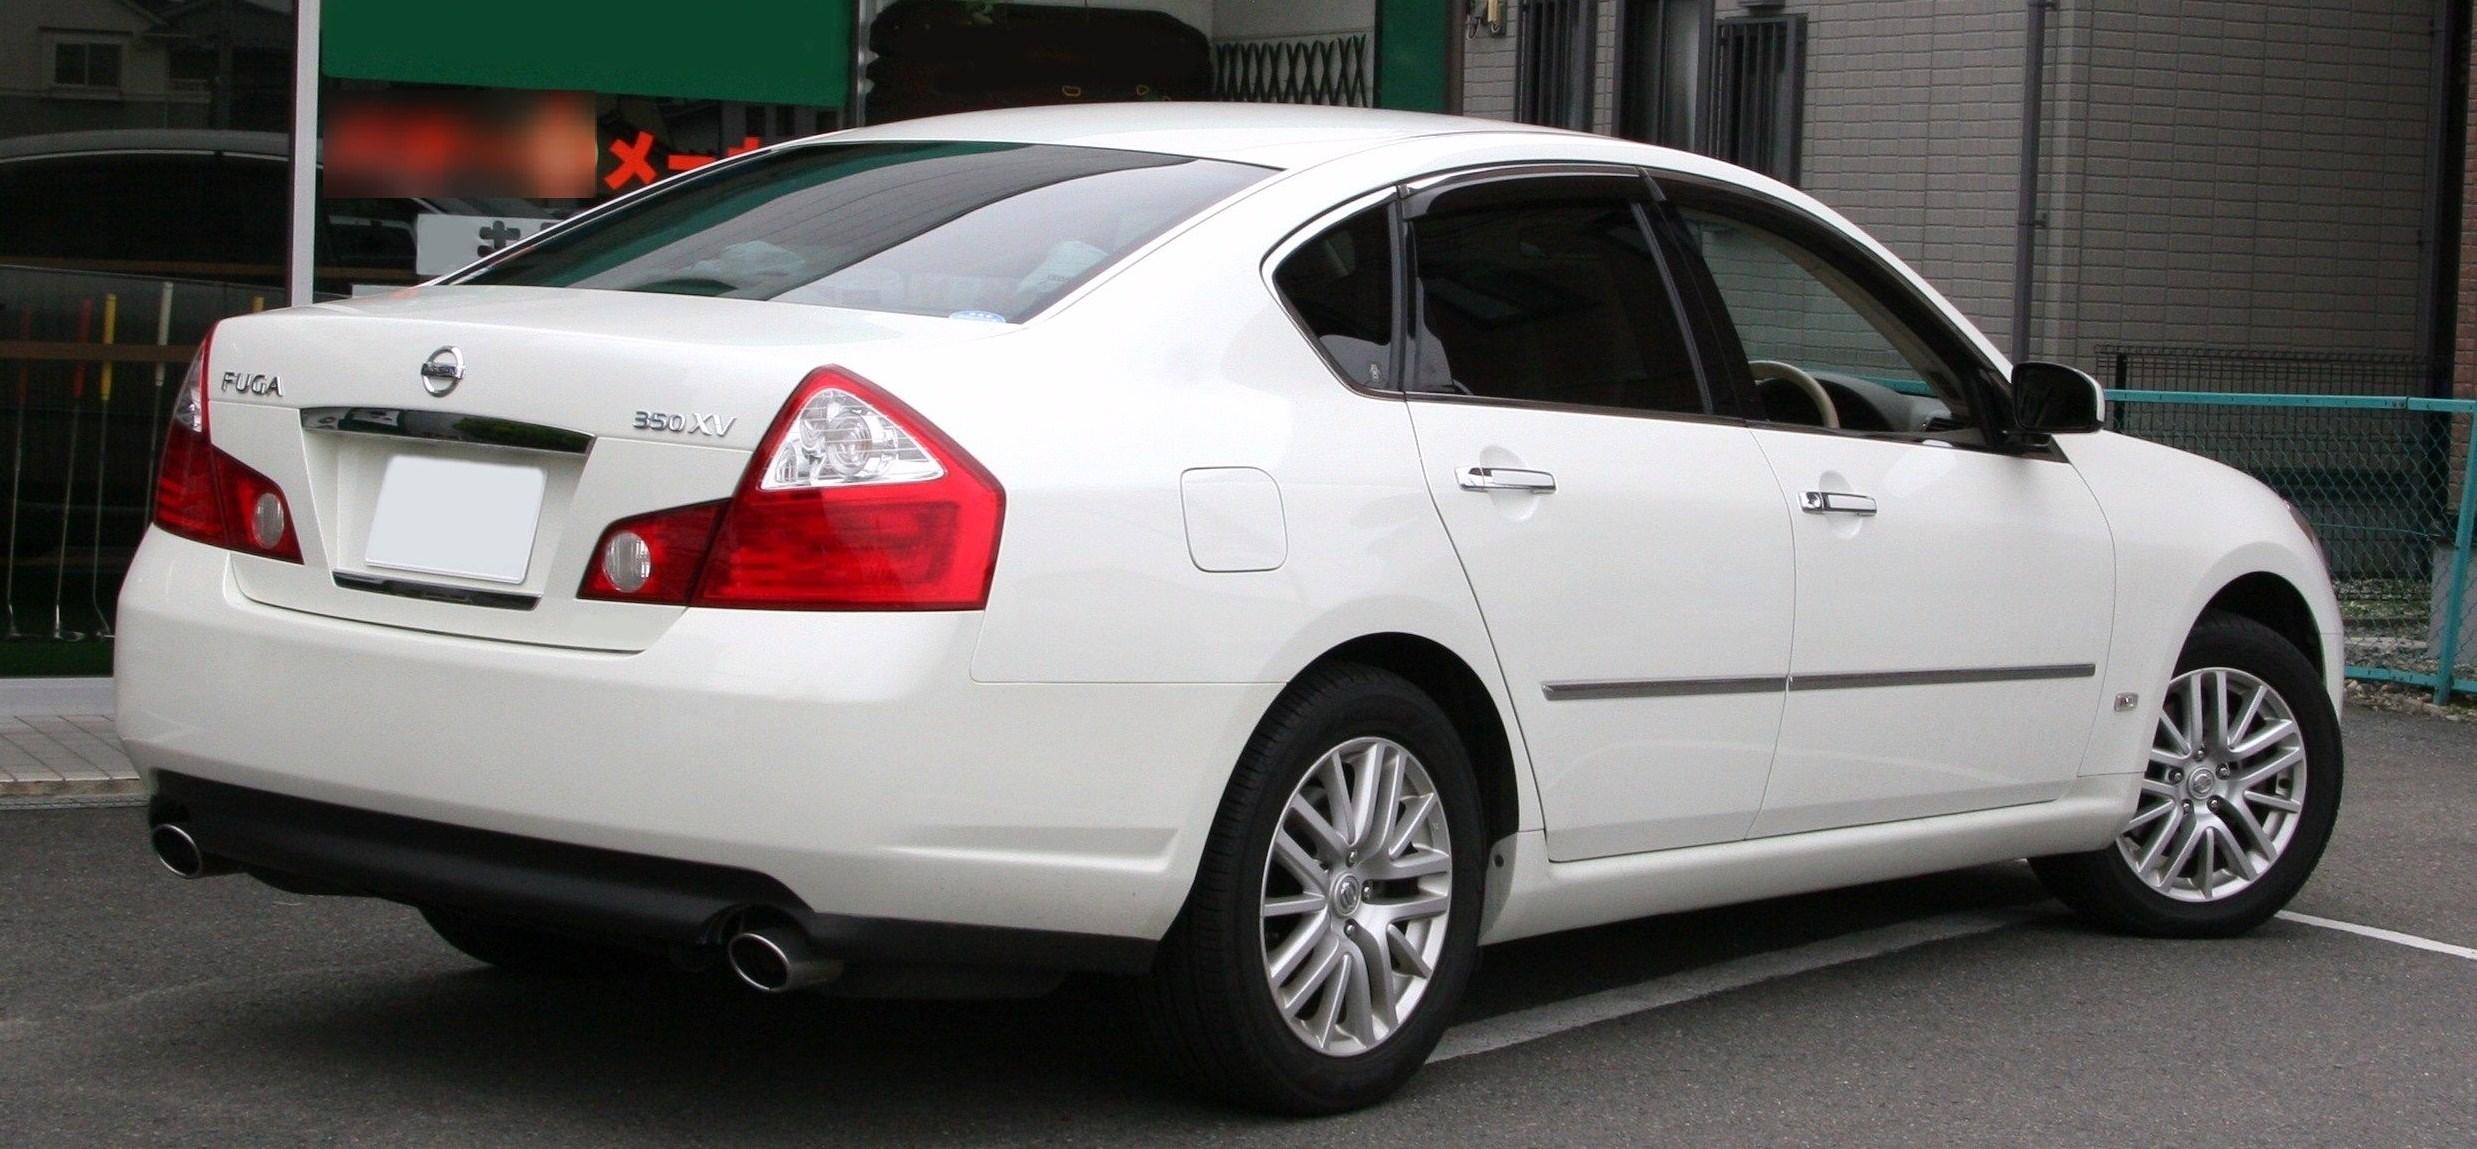 File Nissan Fuga 350xv Rear Jpg Wikimedia Commons